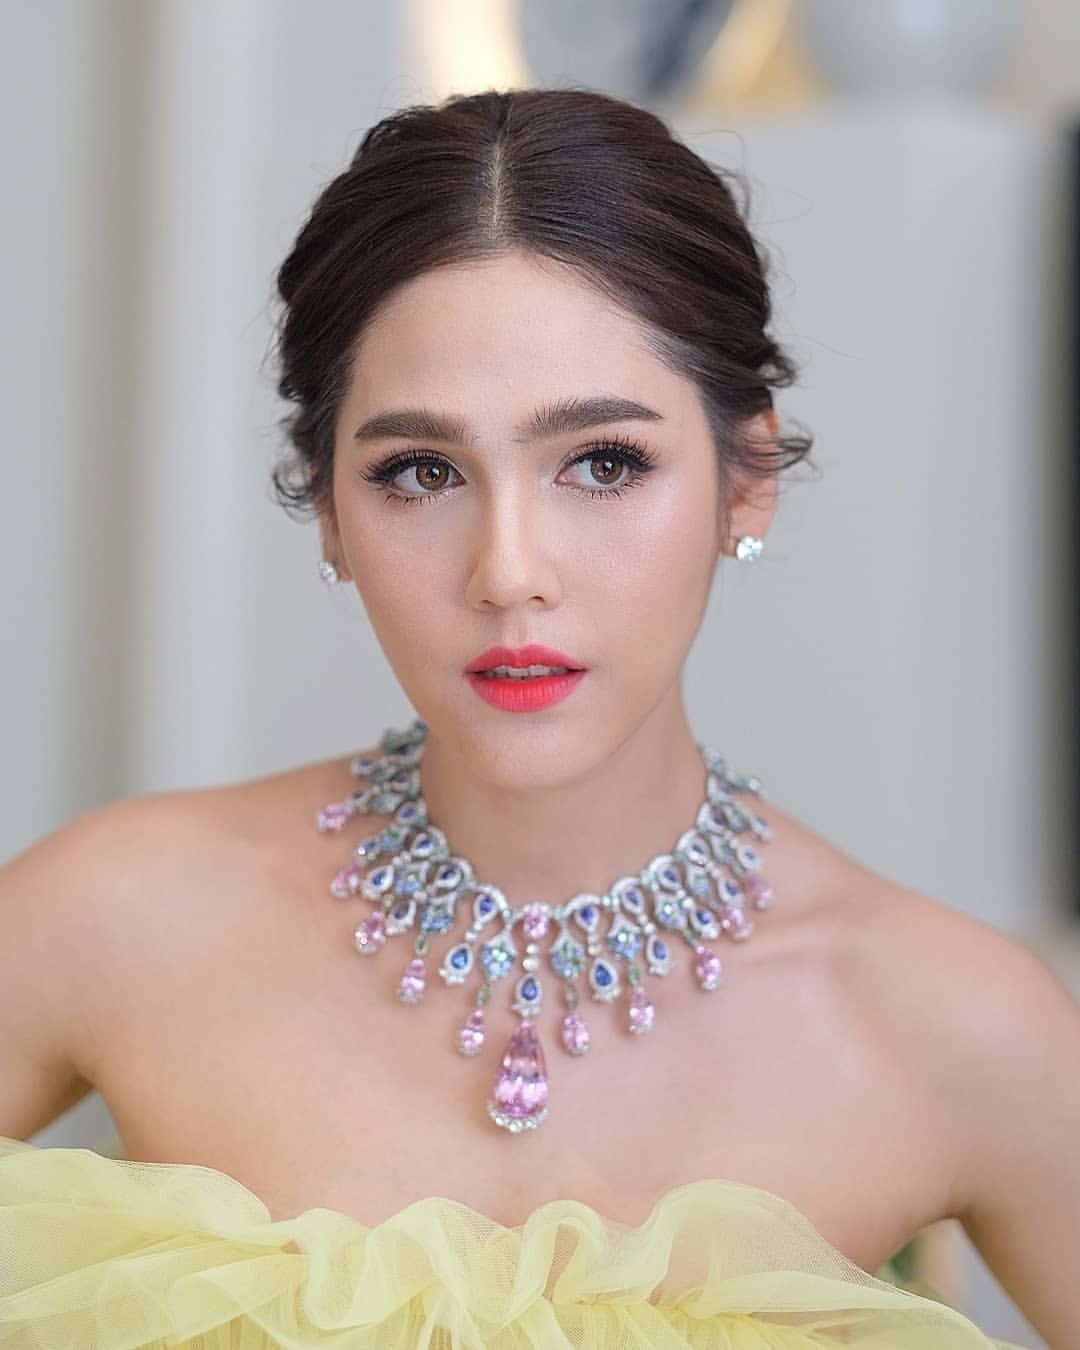 Chompoo Araya | Fashion makeup, Model hair color, Beauty model